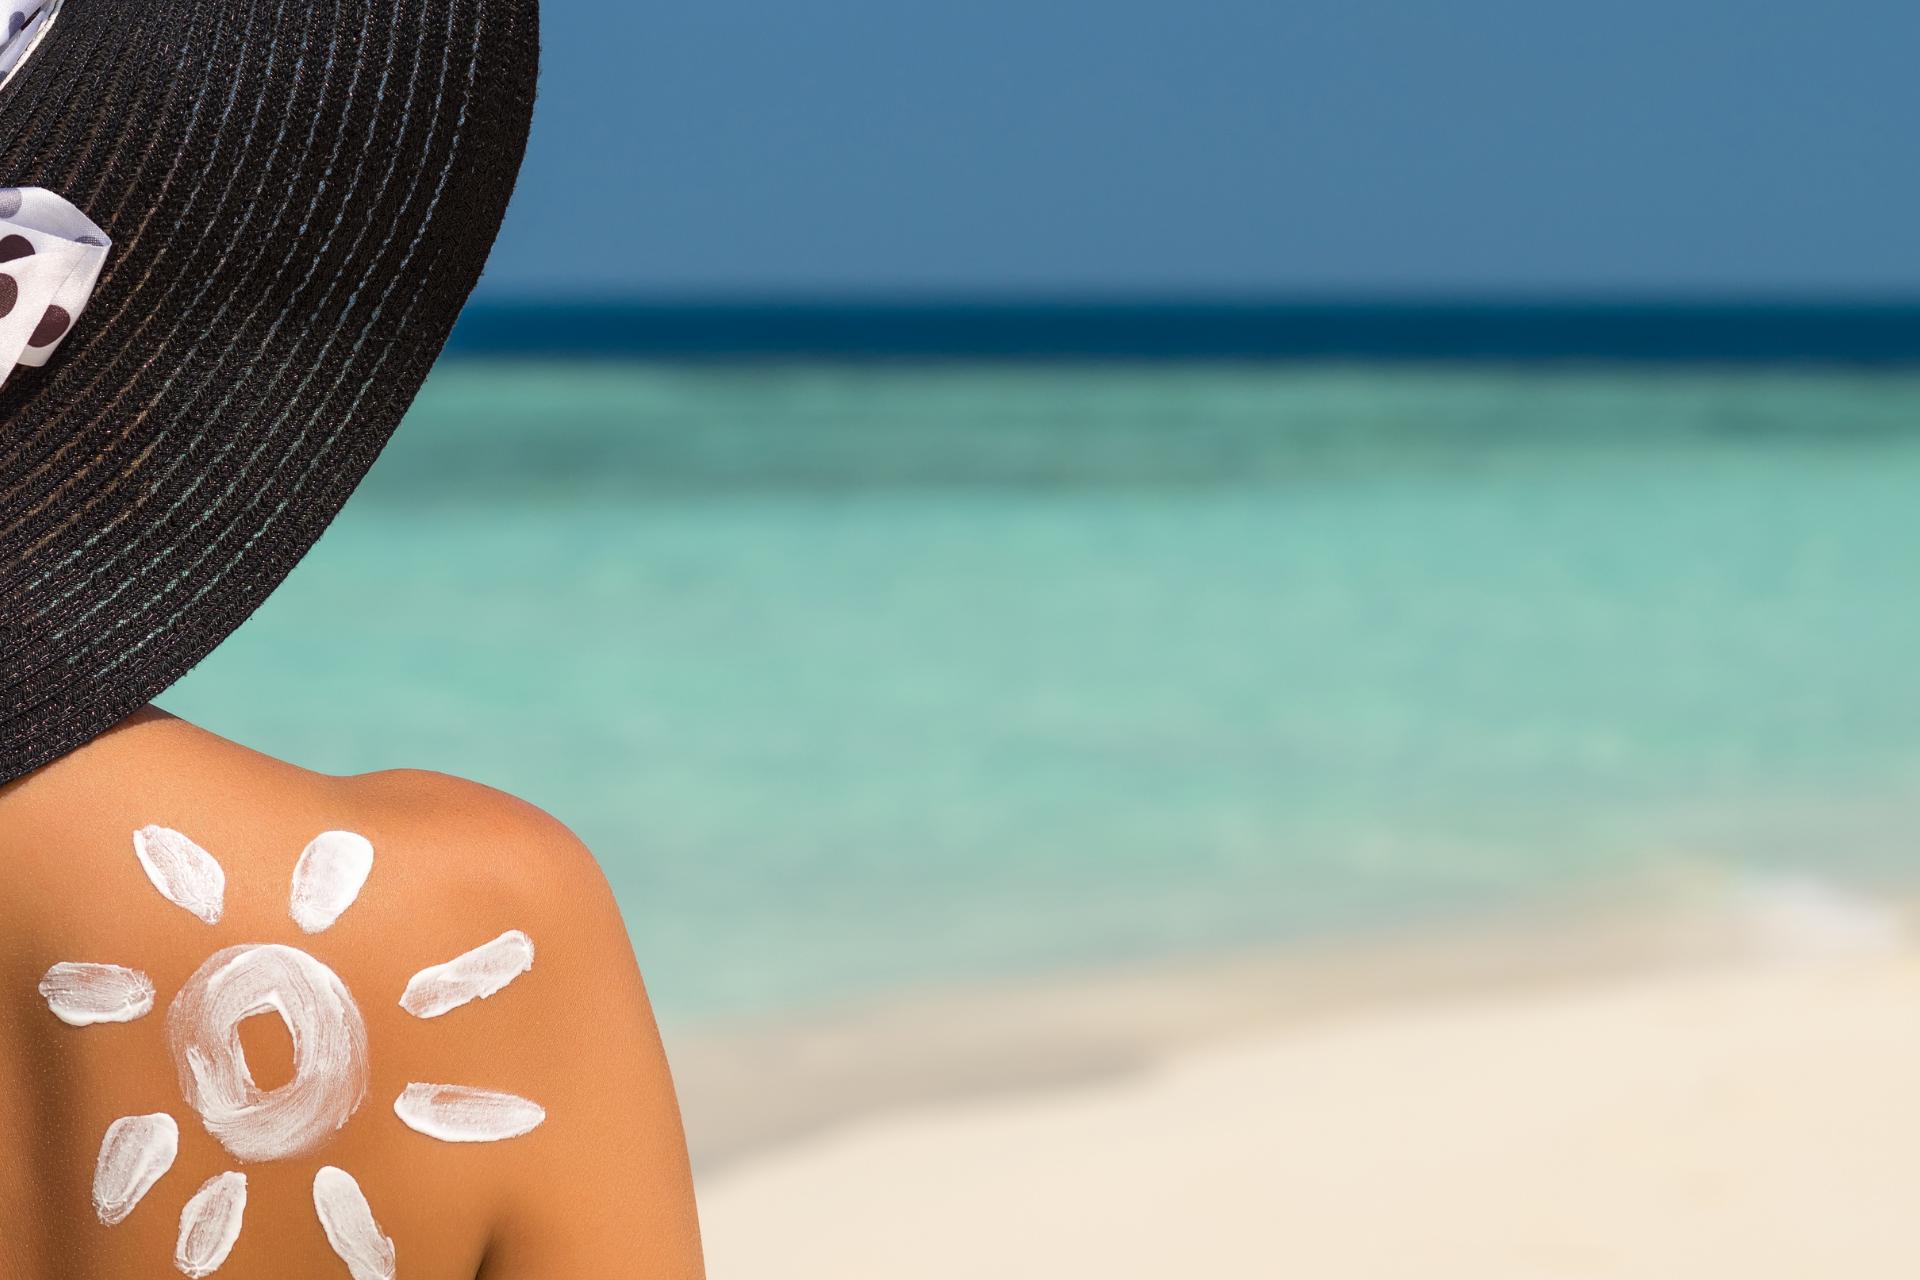 Защита кожи в солнечный день